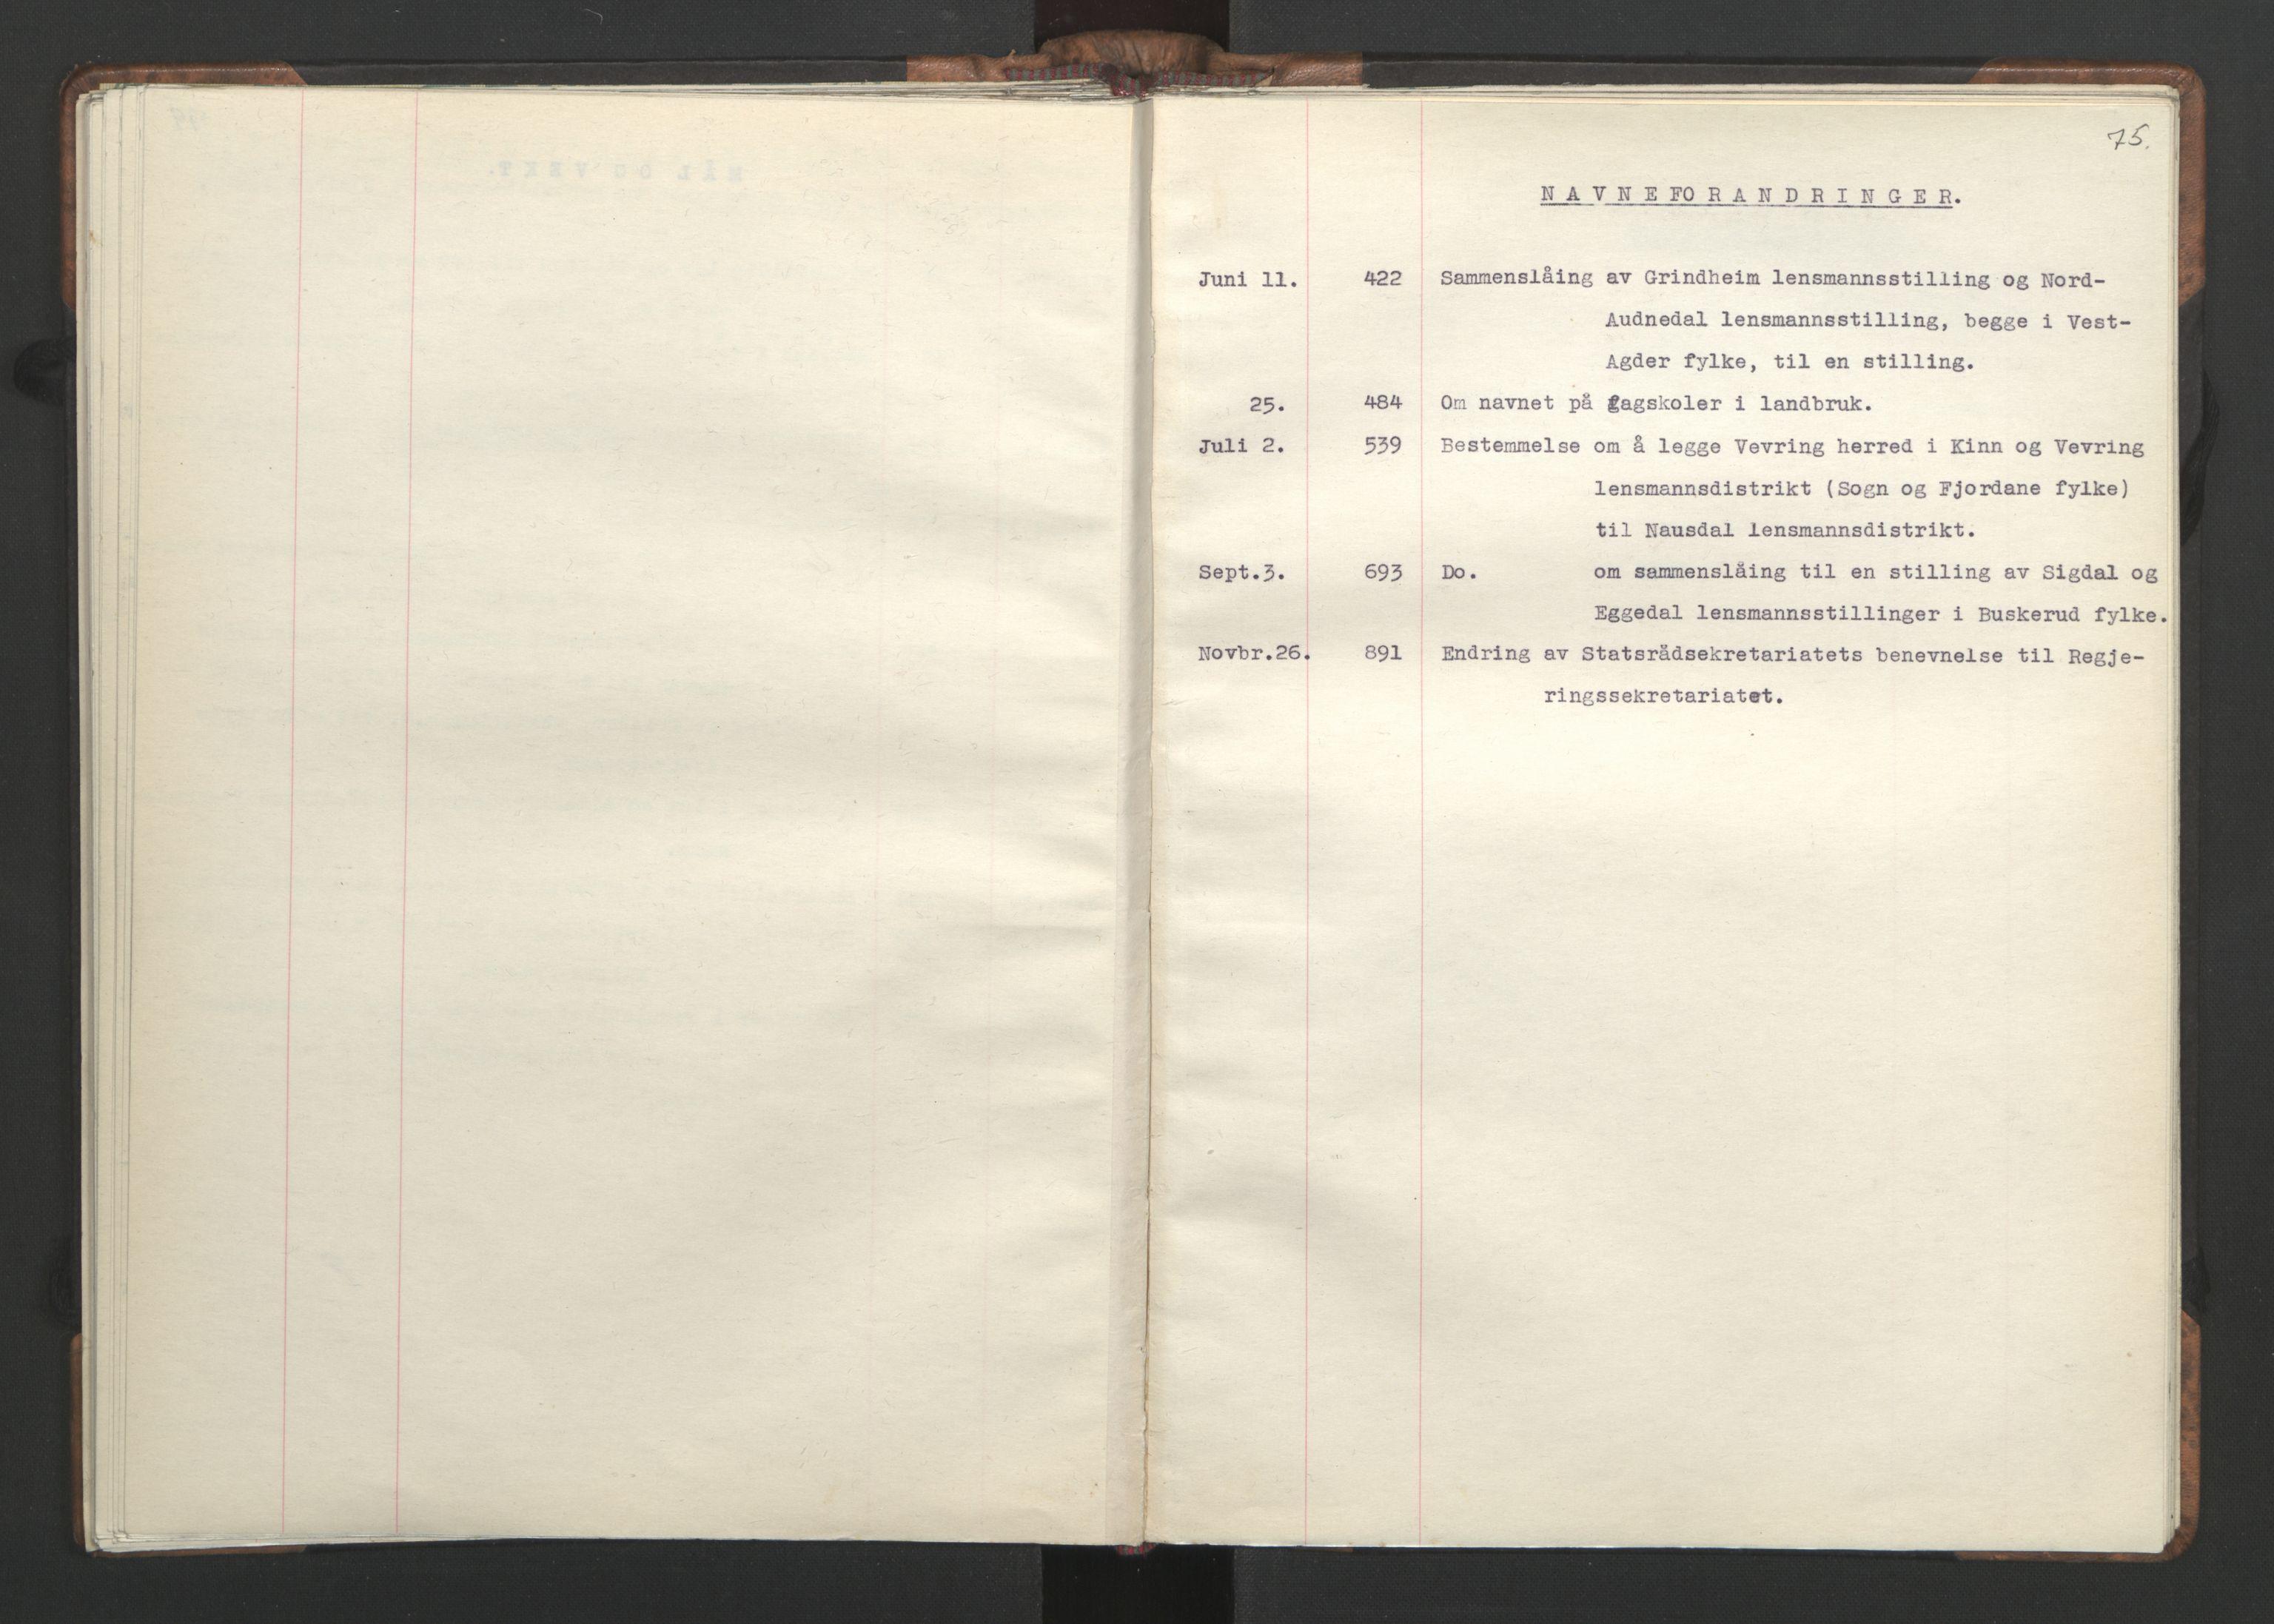 RA, NS-administrasjonen 1940-1945 (Statsrådsekretariatet, de kommisariske statsråder mm), D/Da/L0002: Register (RA j.nr. 985/1943, tilgangsnr. 17/1943), 1942, s. 74b-75a